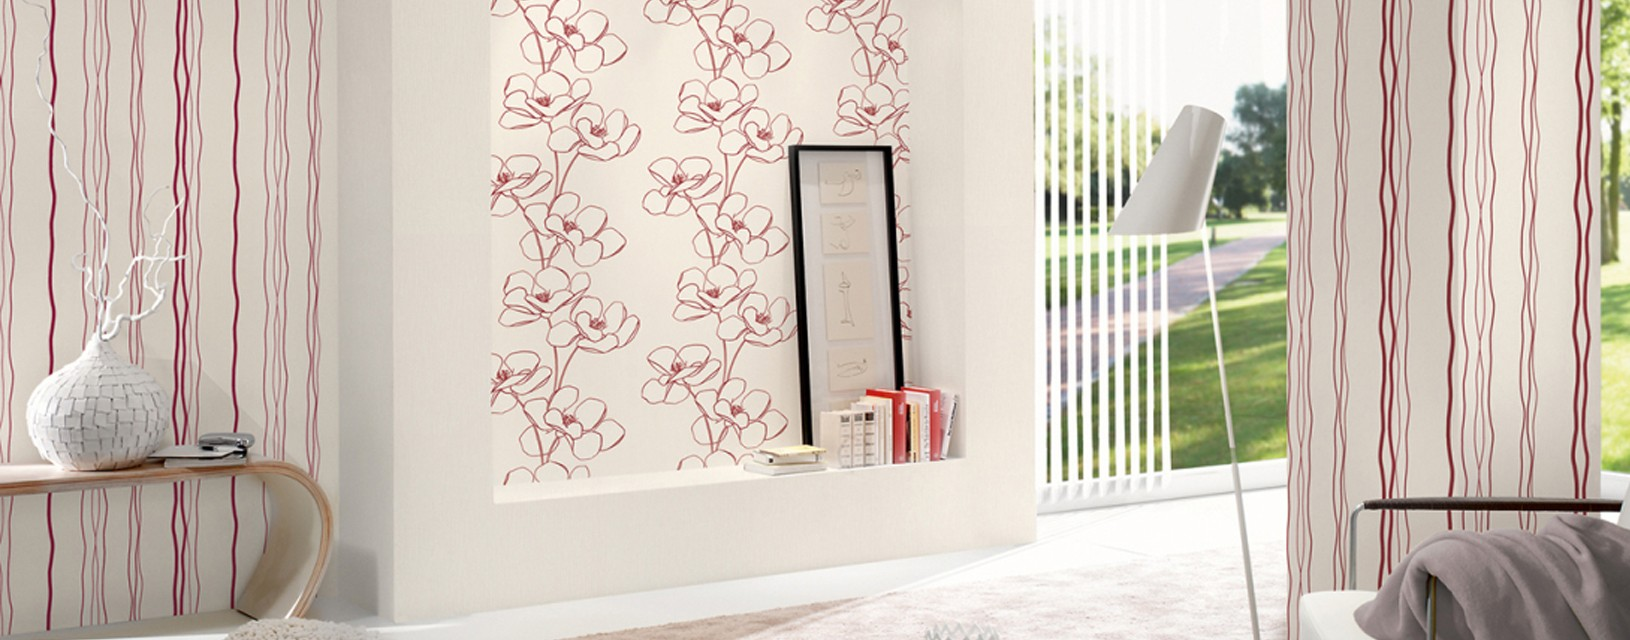 dies sind die neuesten trends der fensterdekoration. Black Bedroom Furniture Sets. Home Design Ideas